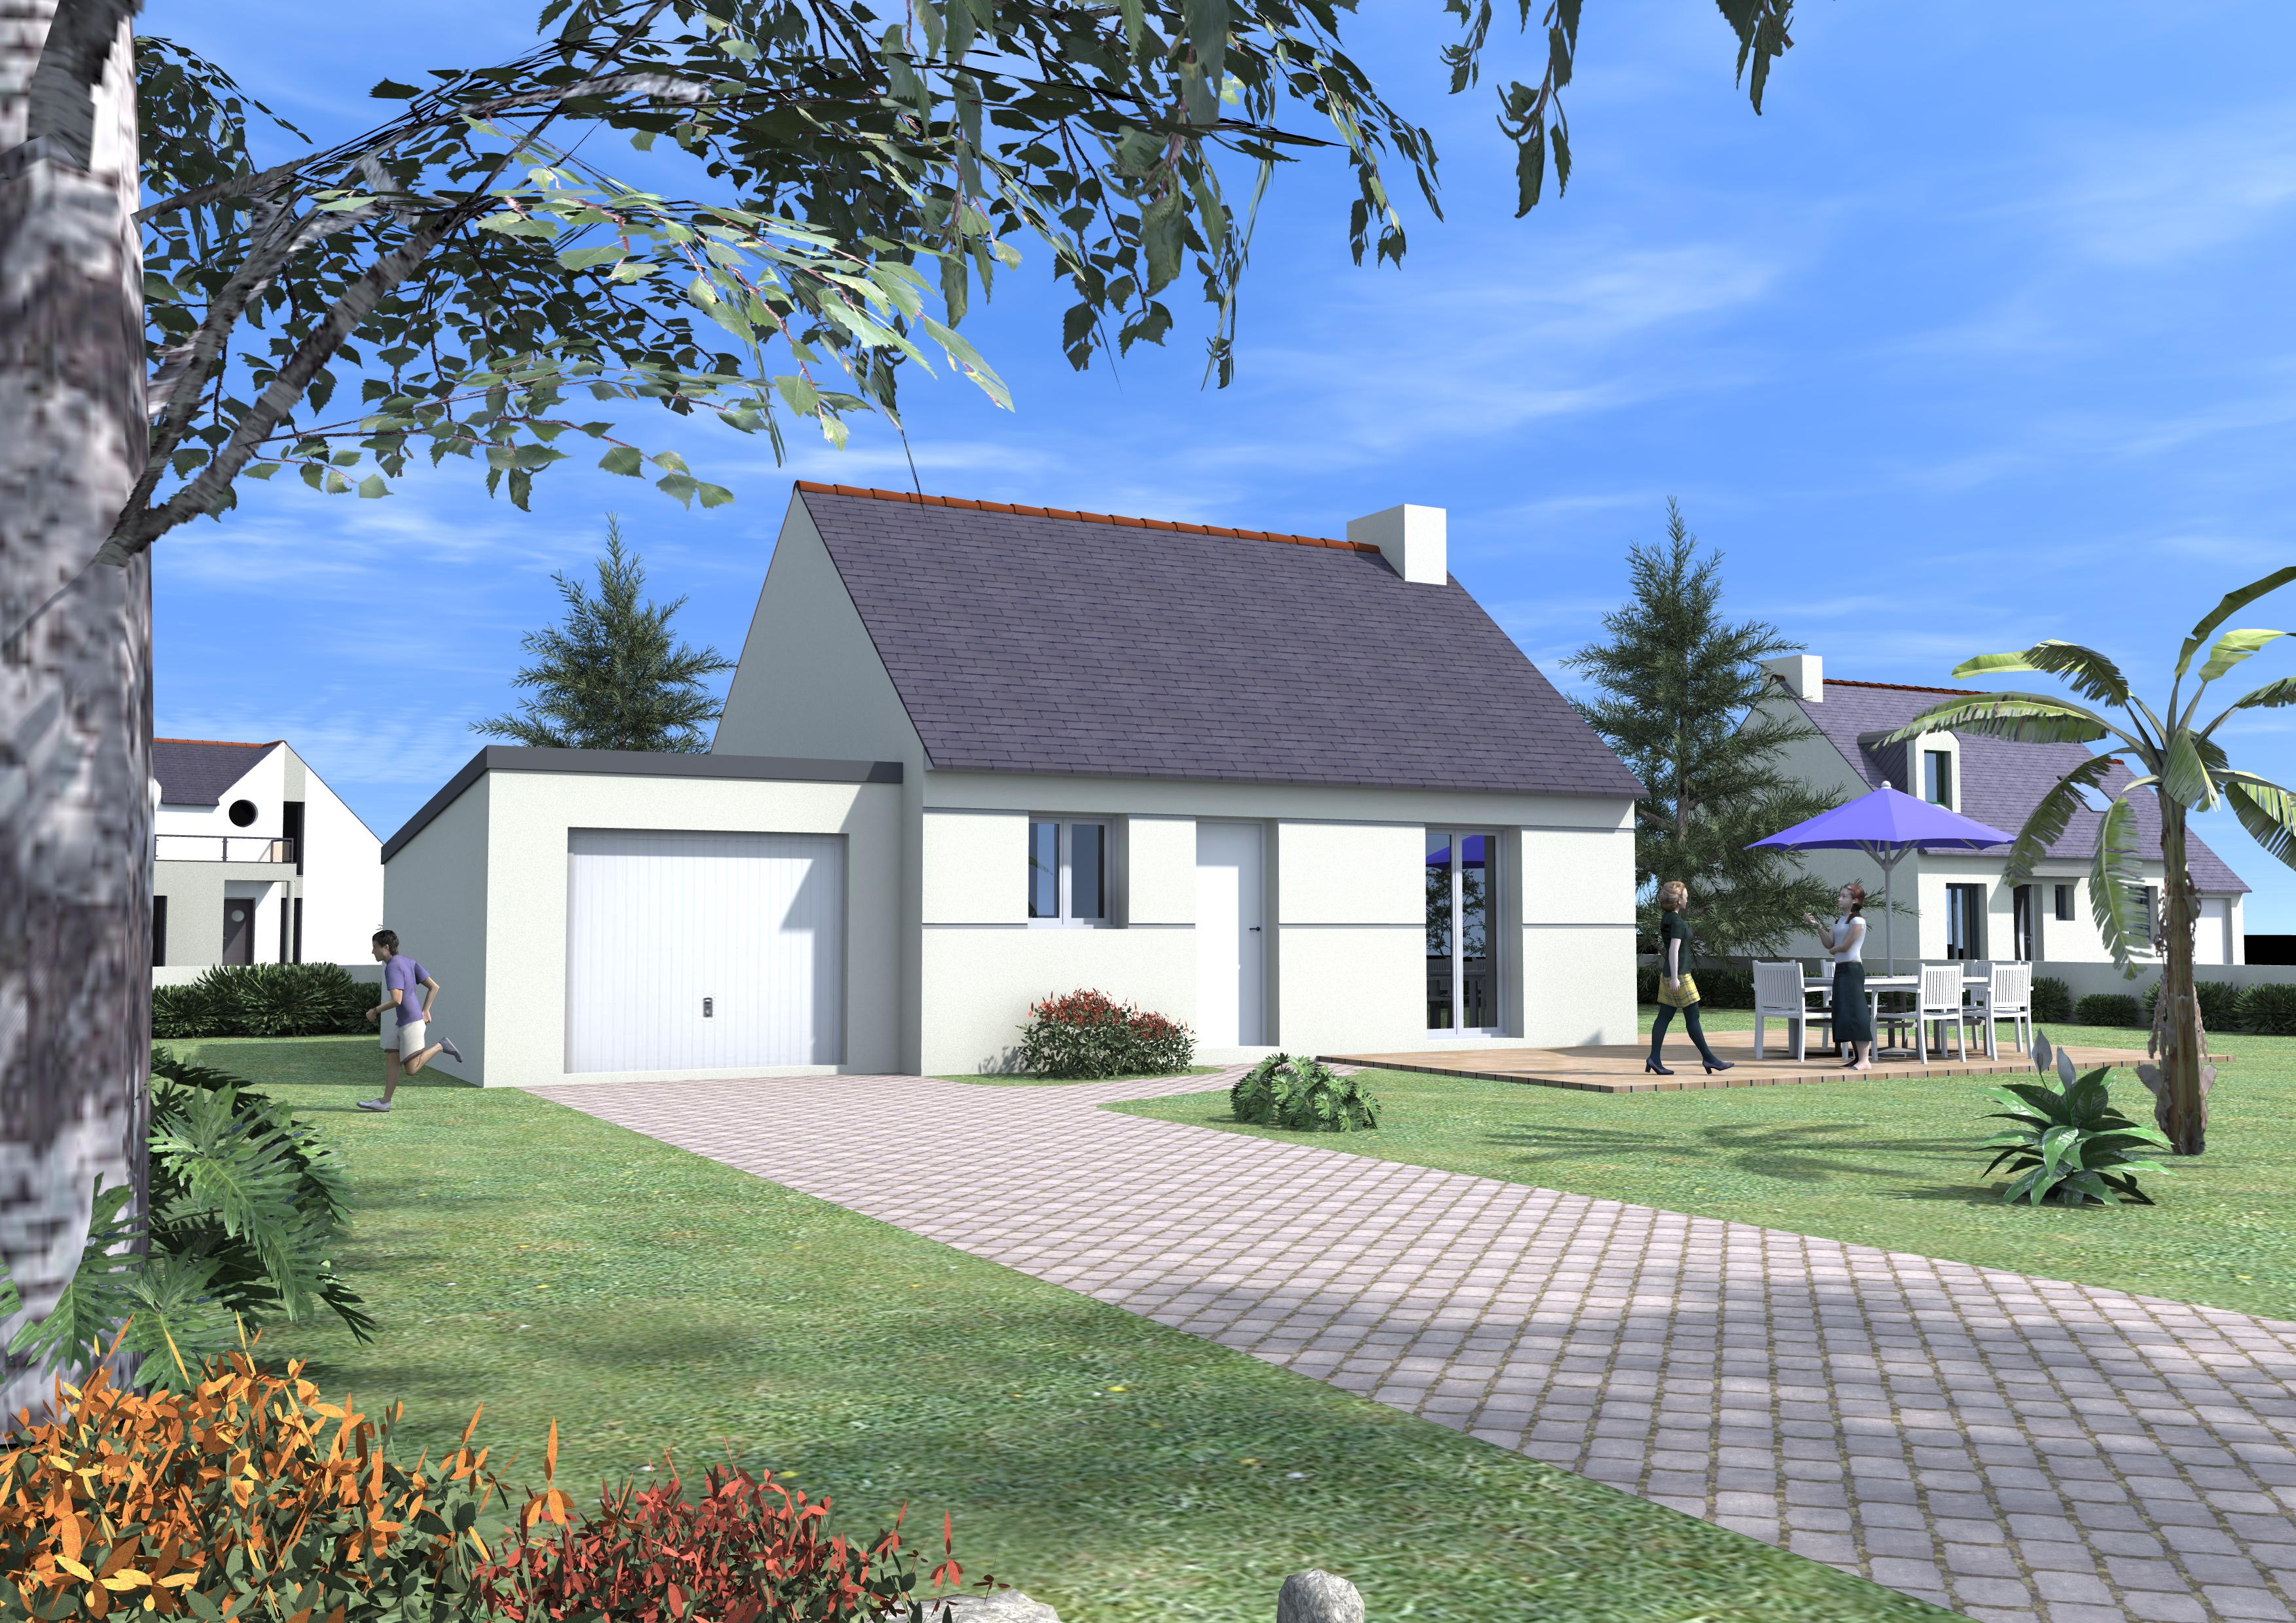 terrain et maison neuve amazing dcouvrez les modles de maisons soconaq consultez les offres. Black Bedroom Furniture Sets. Home Design Ideas